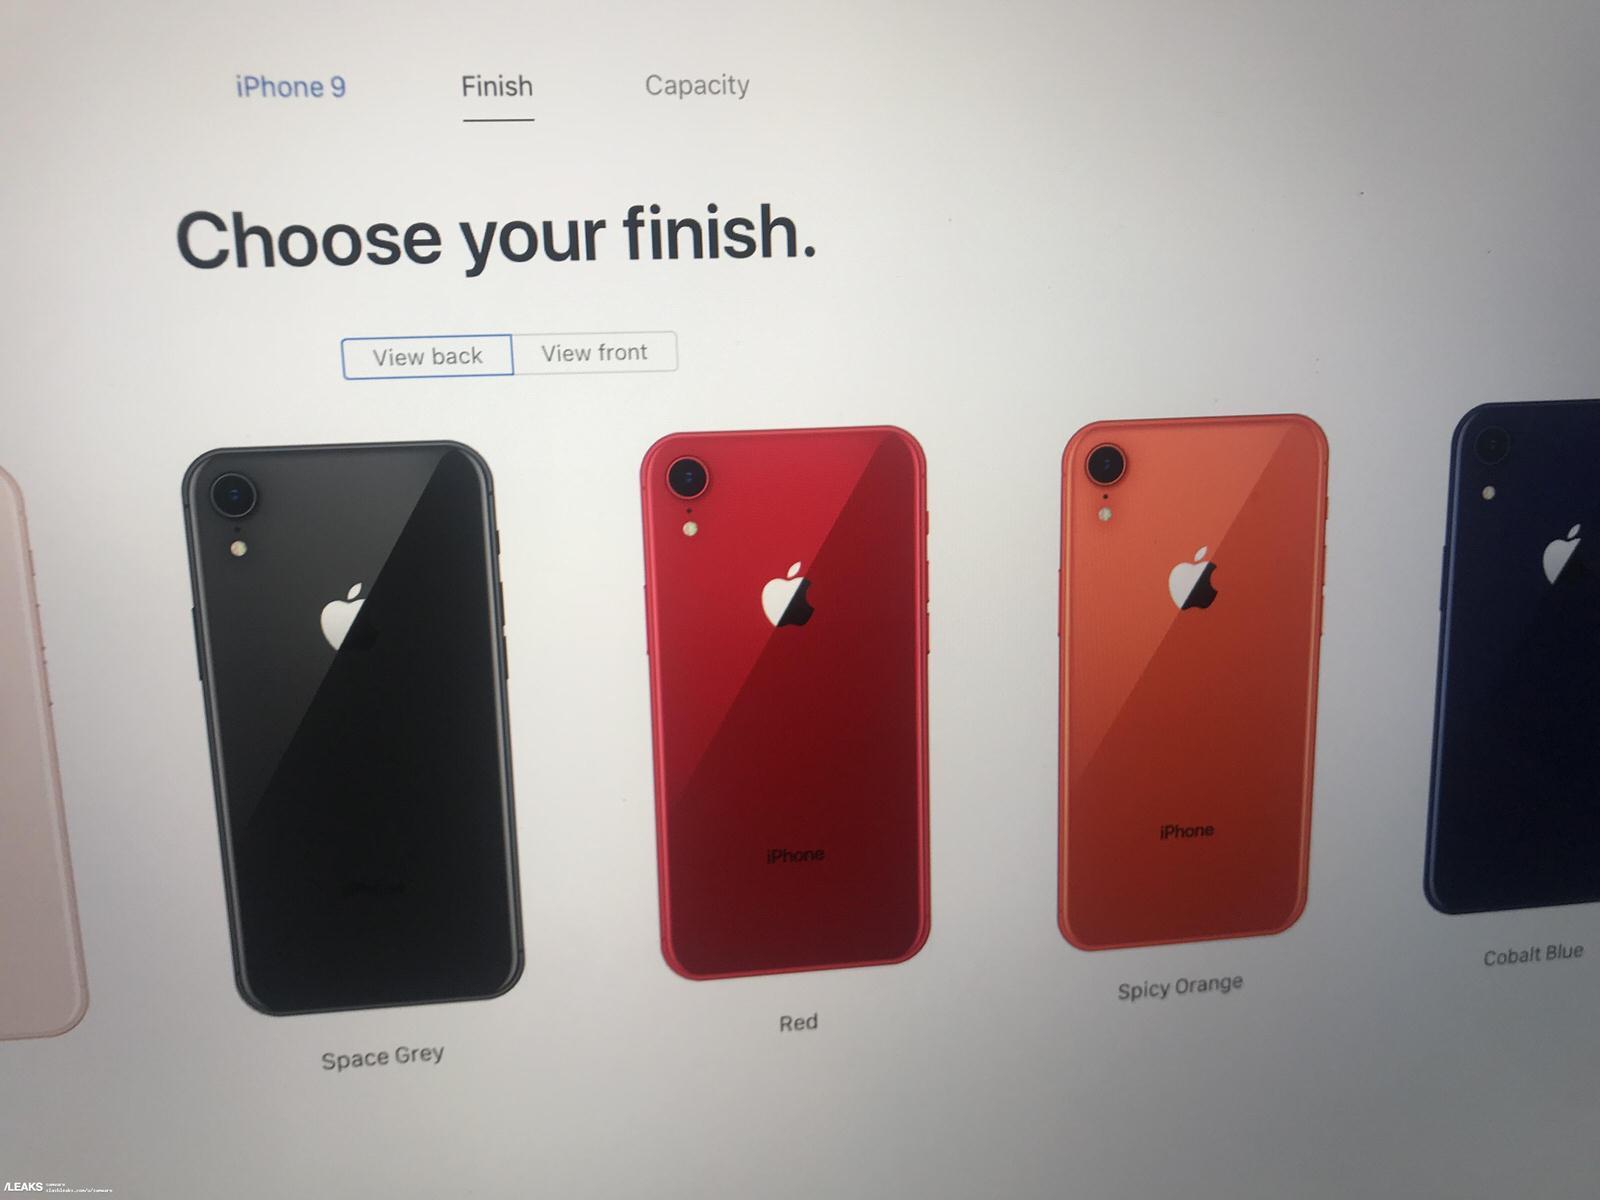 「iPhone 9」の新色にスパイシーオレンジ,コバルトブルー追加?公式サイトの畫像流出か | 男子ハック